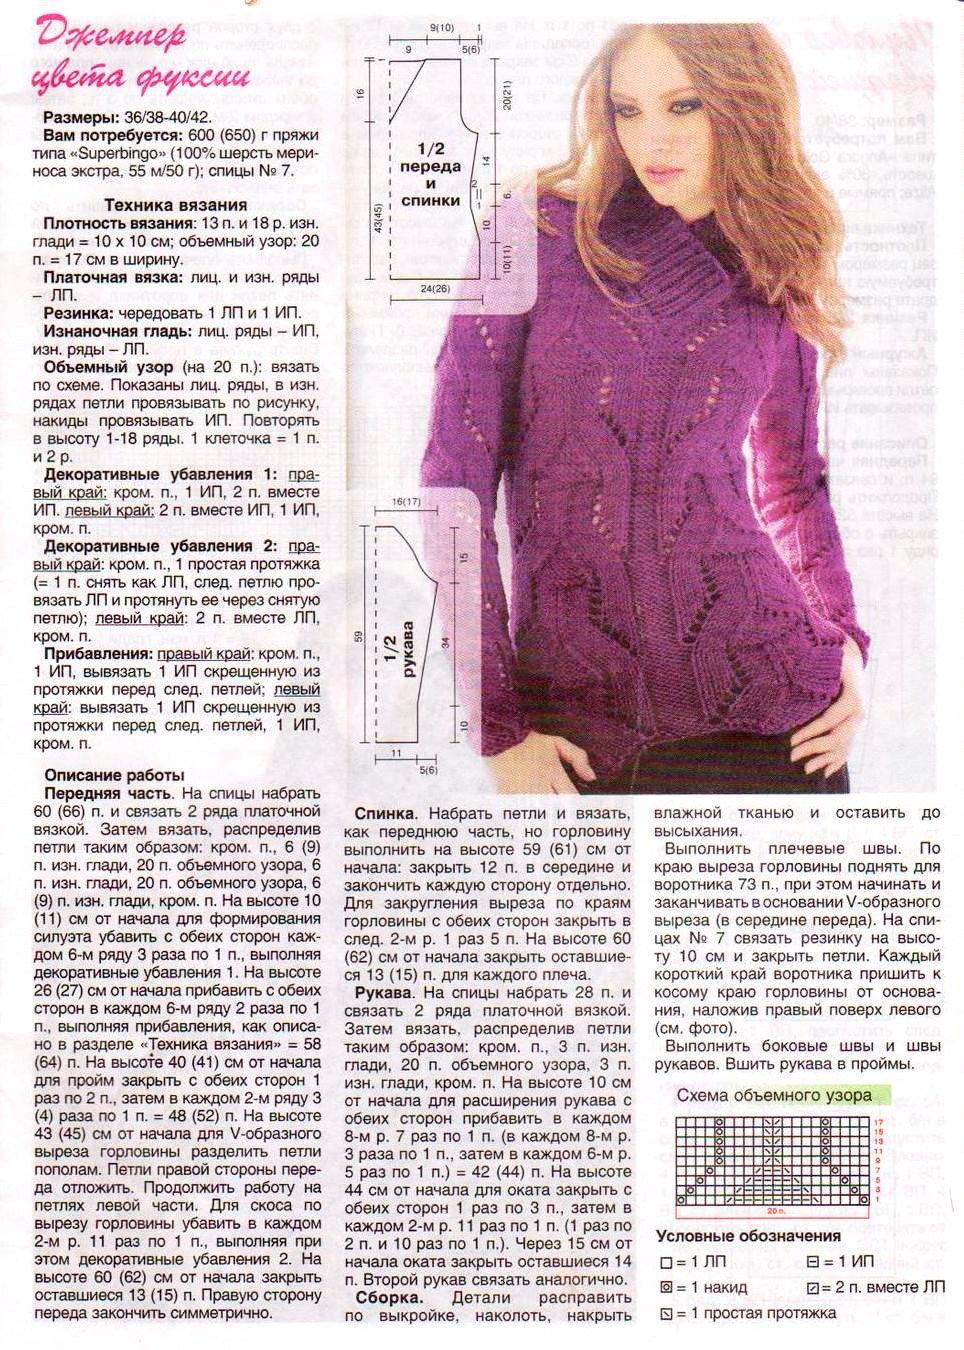 Вязаные пуловеры для женщин спицами с описанием - более 20 24